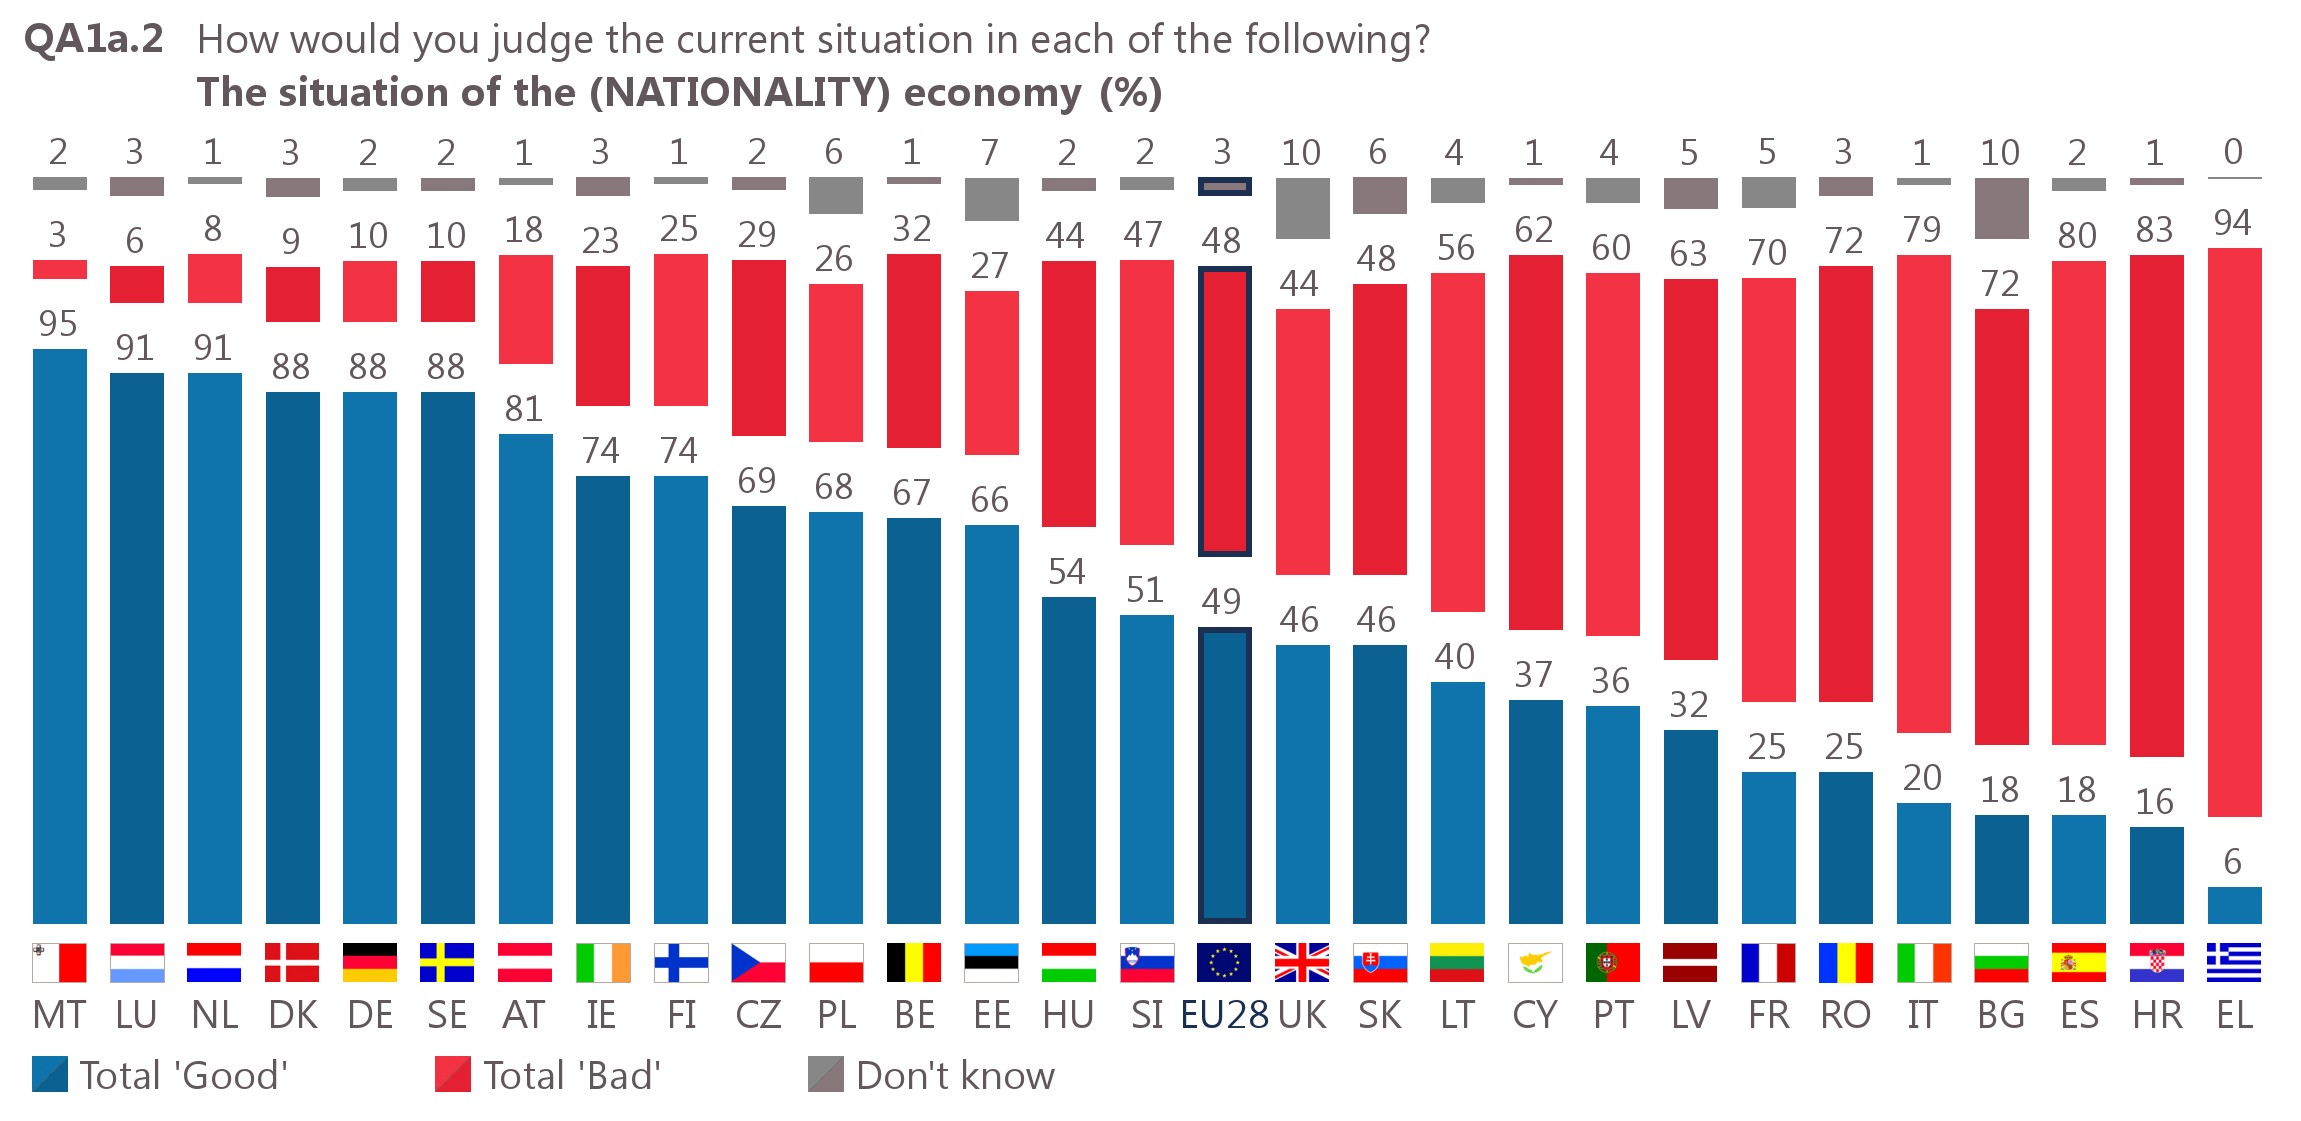 Perceptie van de toestand van de Europese economie